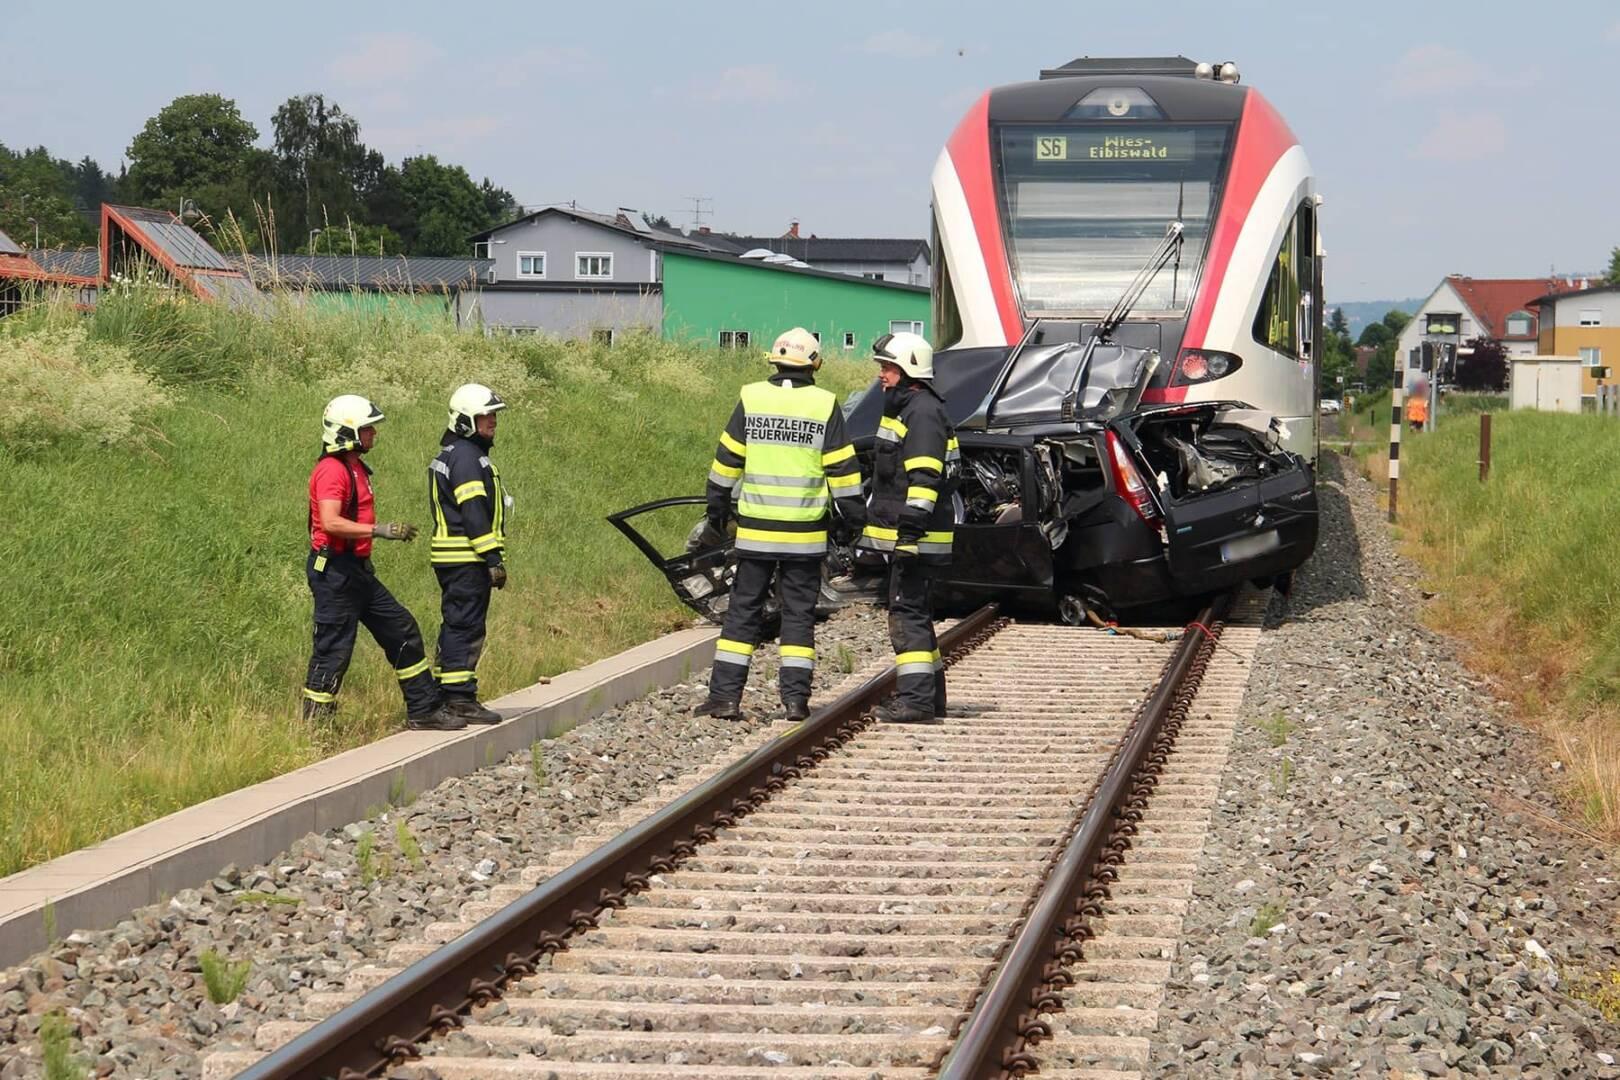 PKW-Kollision mit Eisenbahn fordert Todesopfer